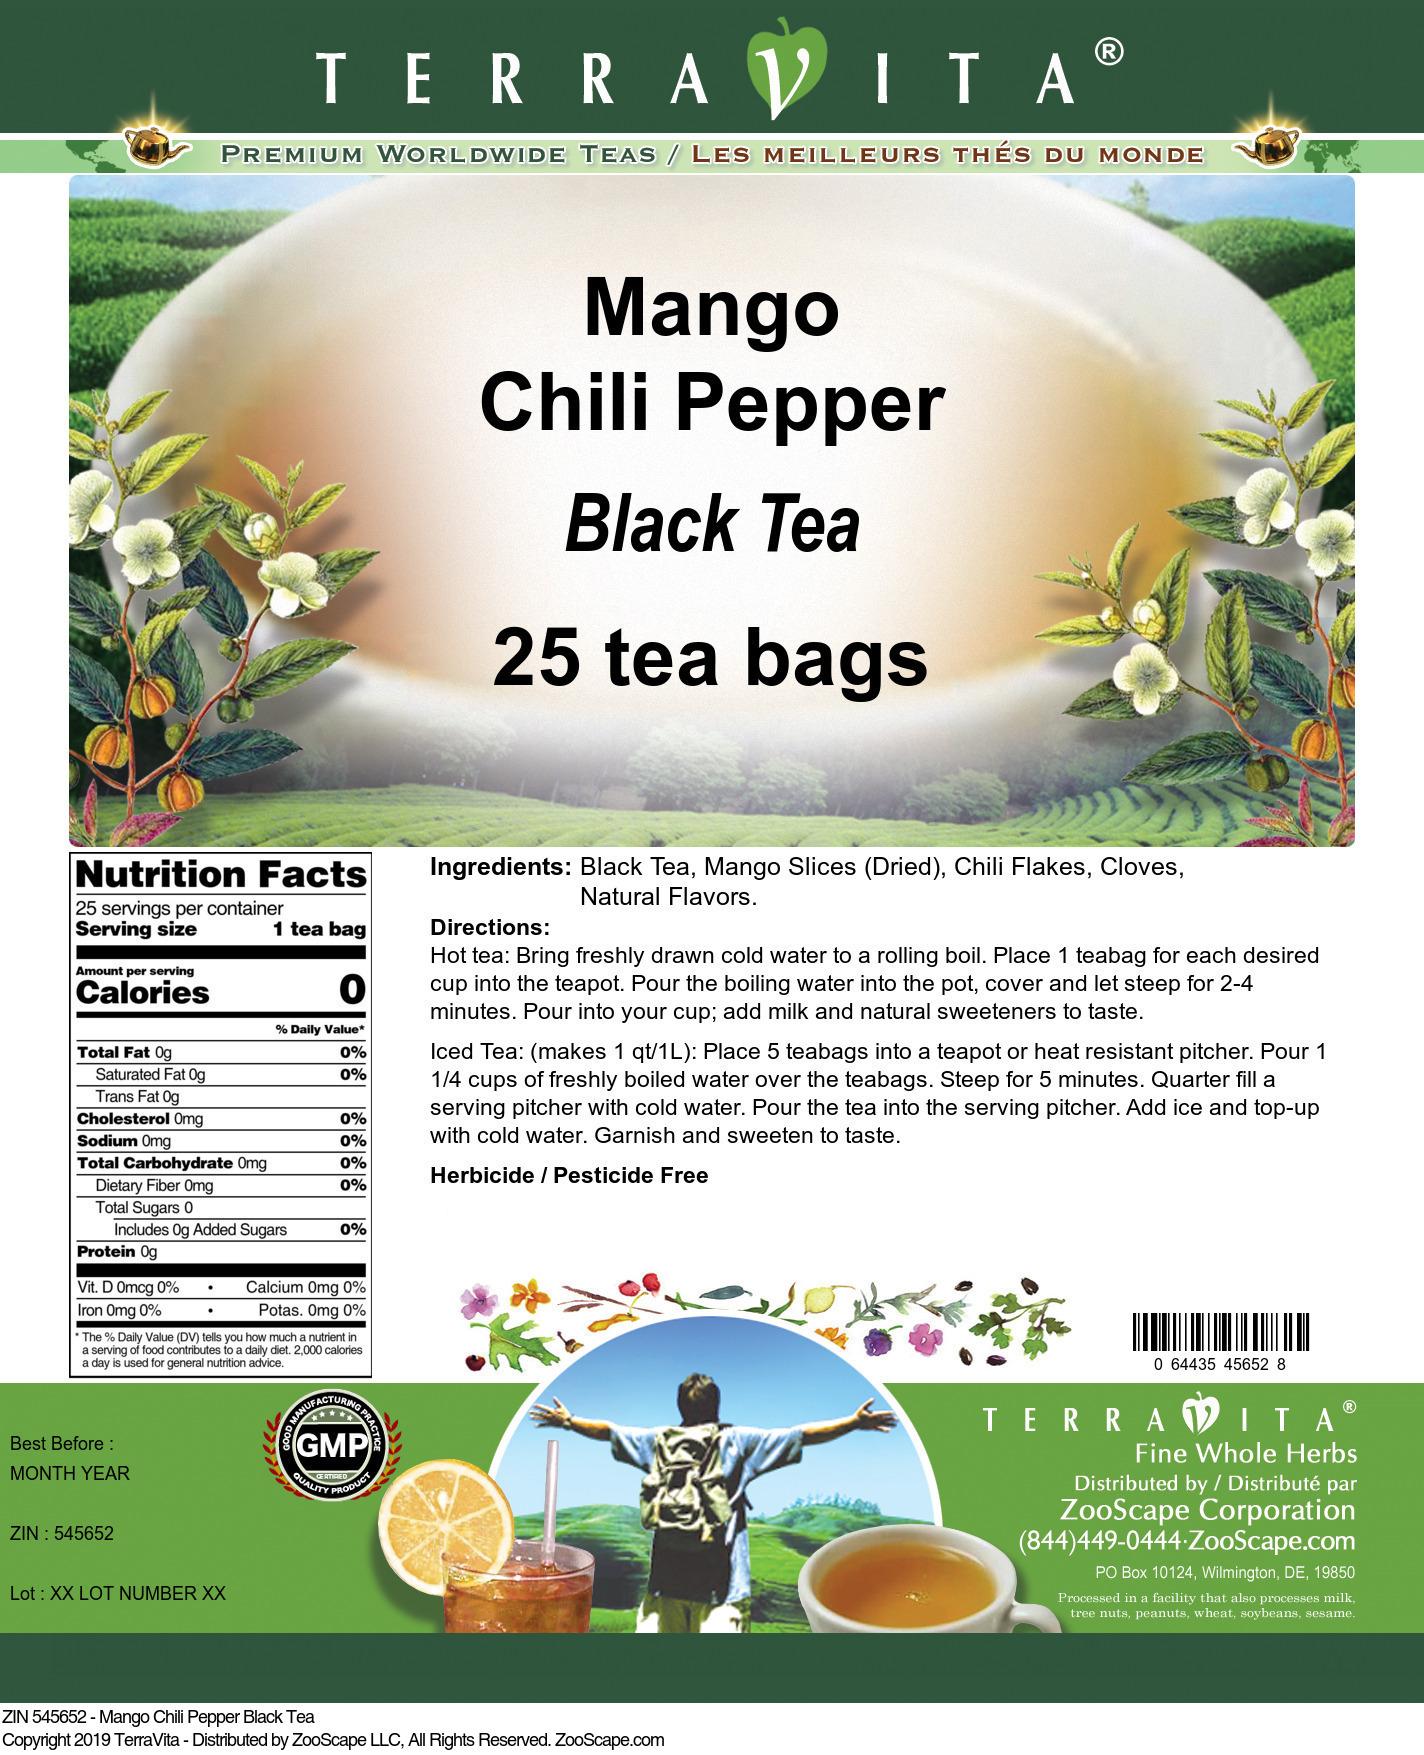 Mango Chili Pepper Black Tea